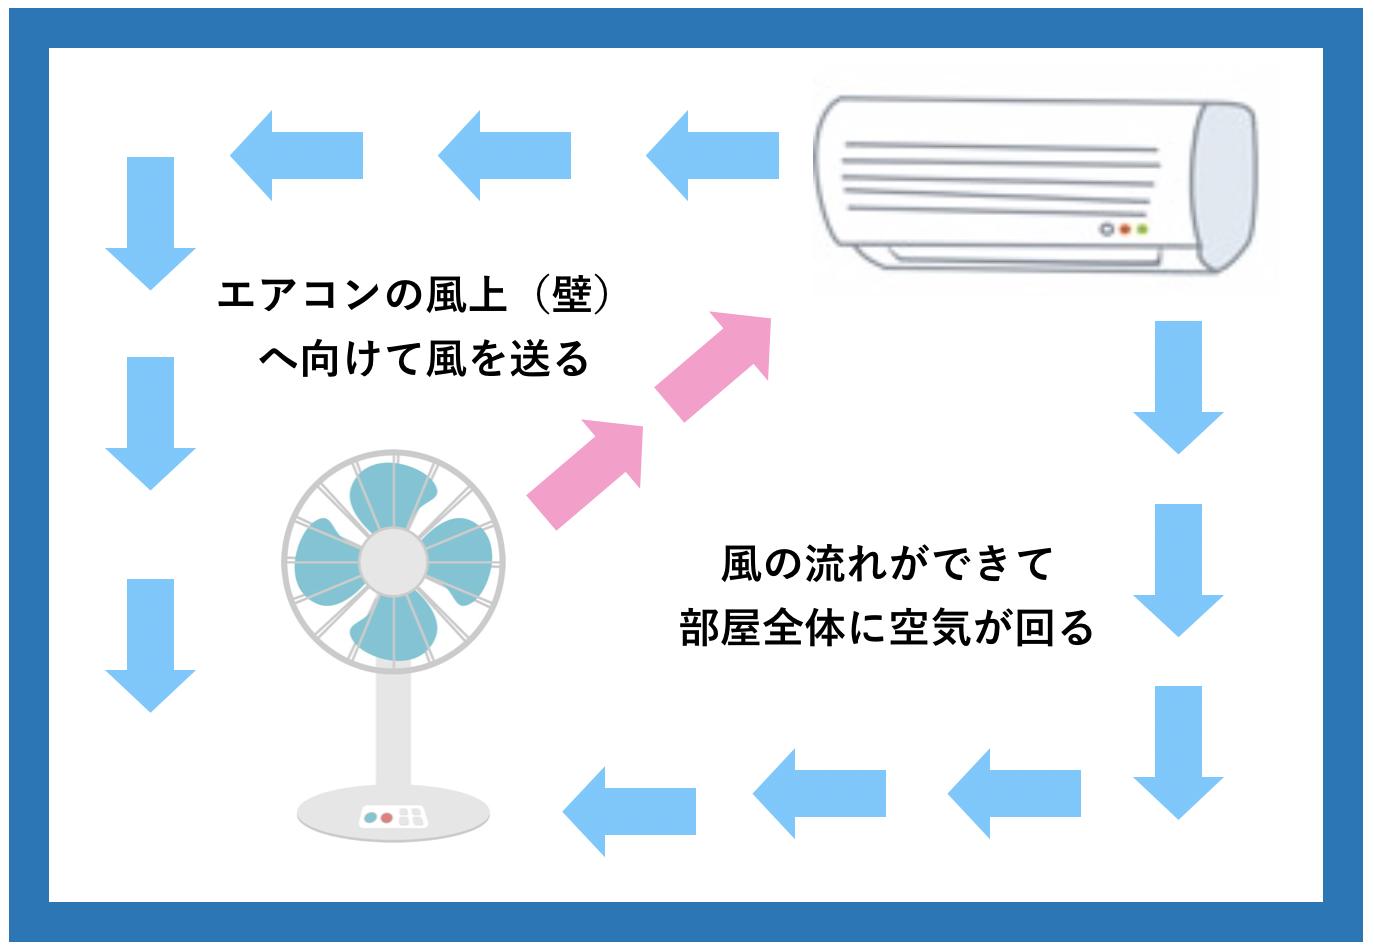 エアコンだけを使った場合の部屋の空気の循環